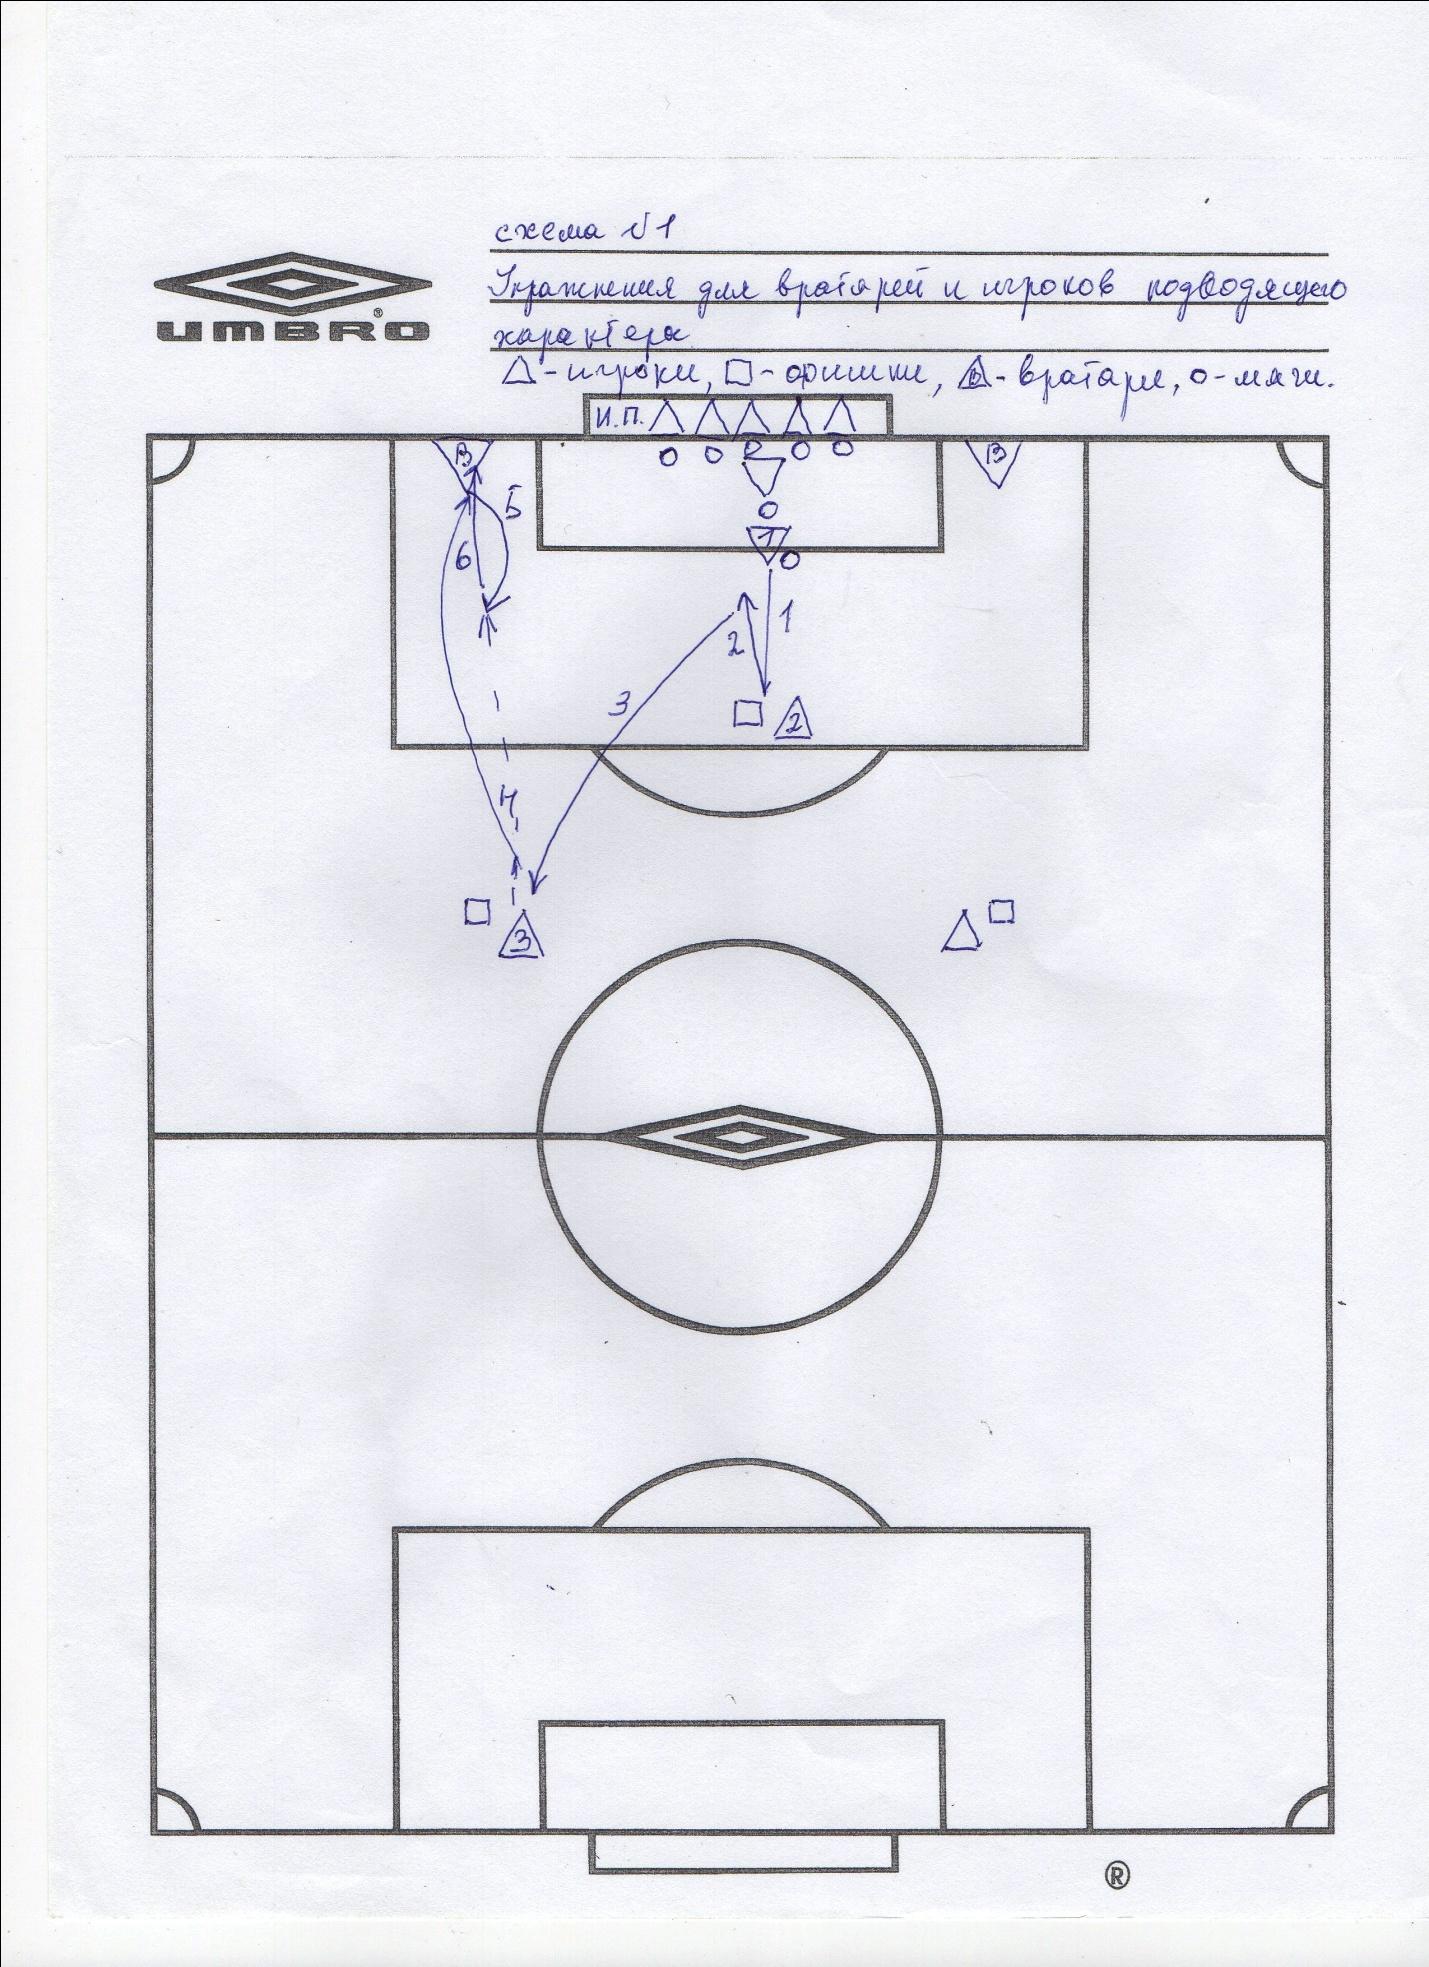 Конспекты английского футбола, тренировки английского футбола